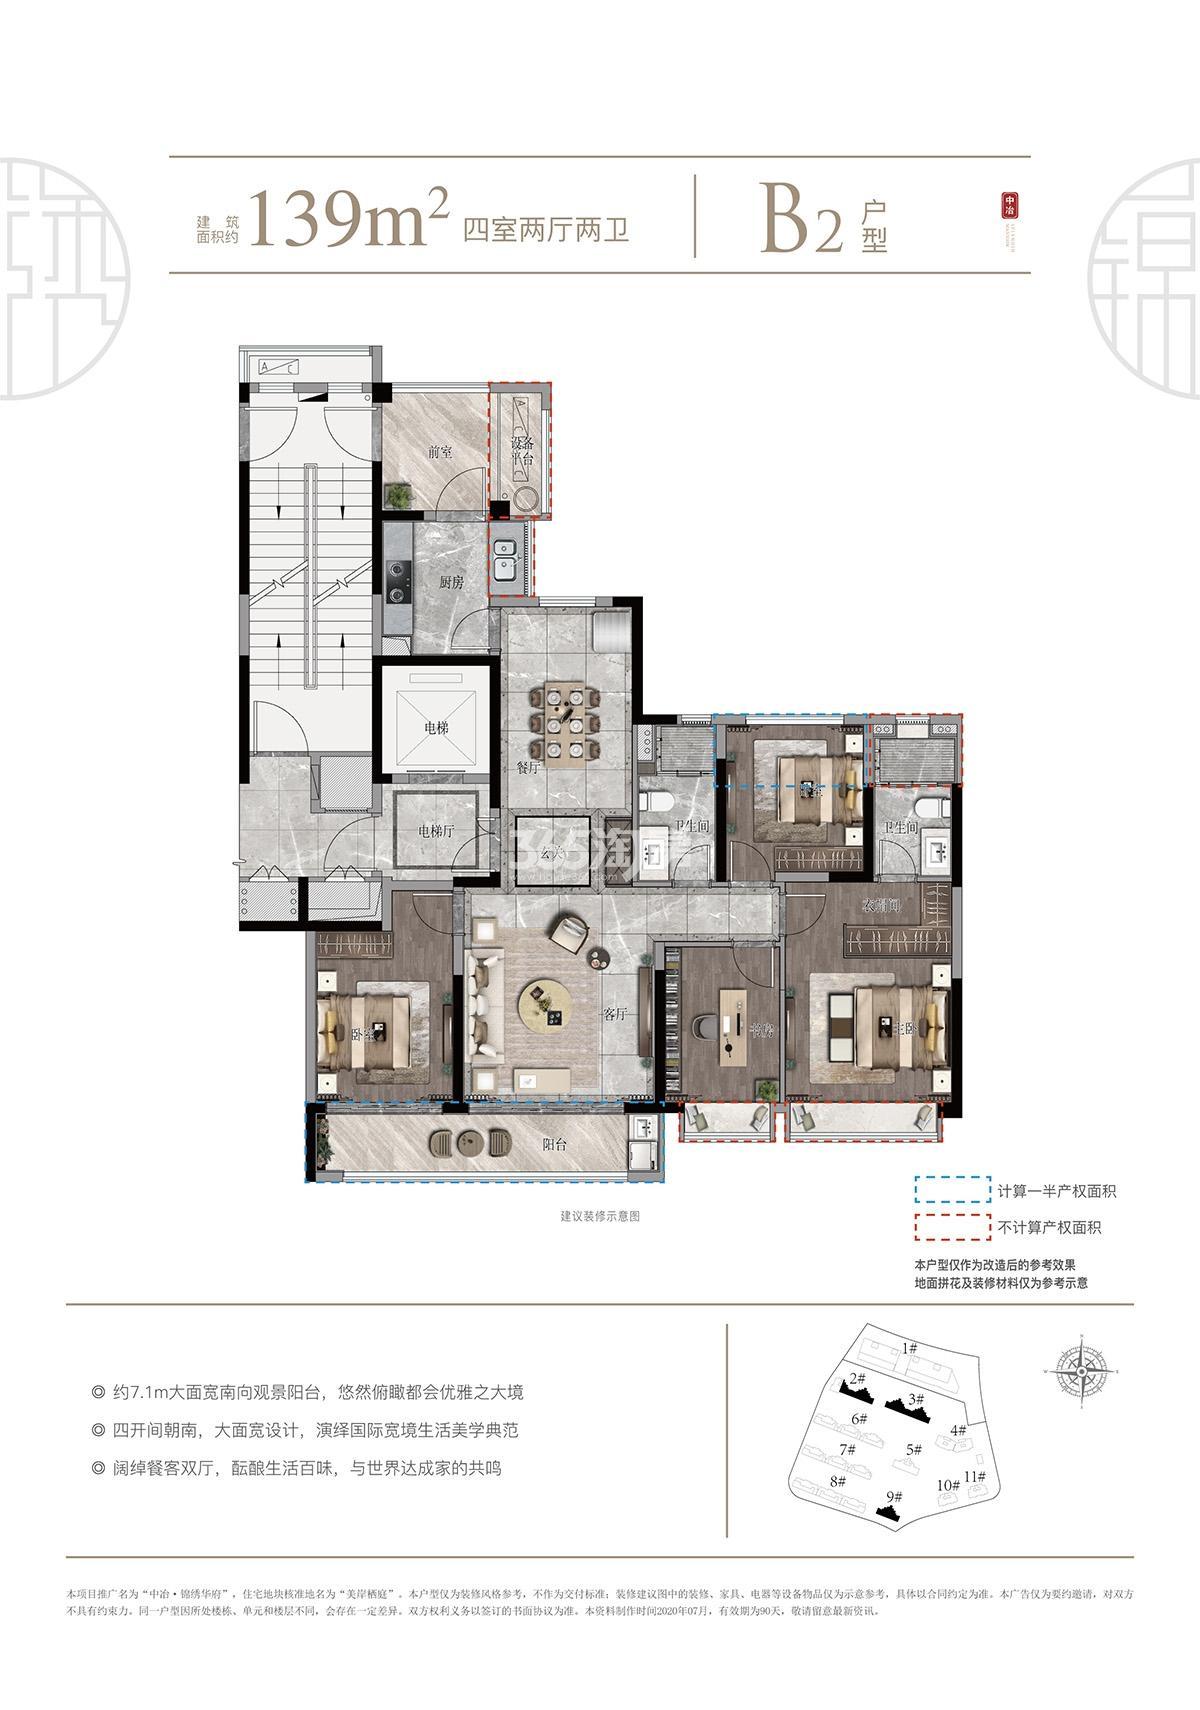 中冶锦绣华府B2户型约139方(2、3、9#)